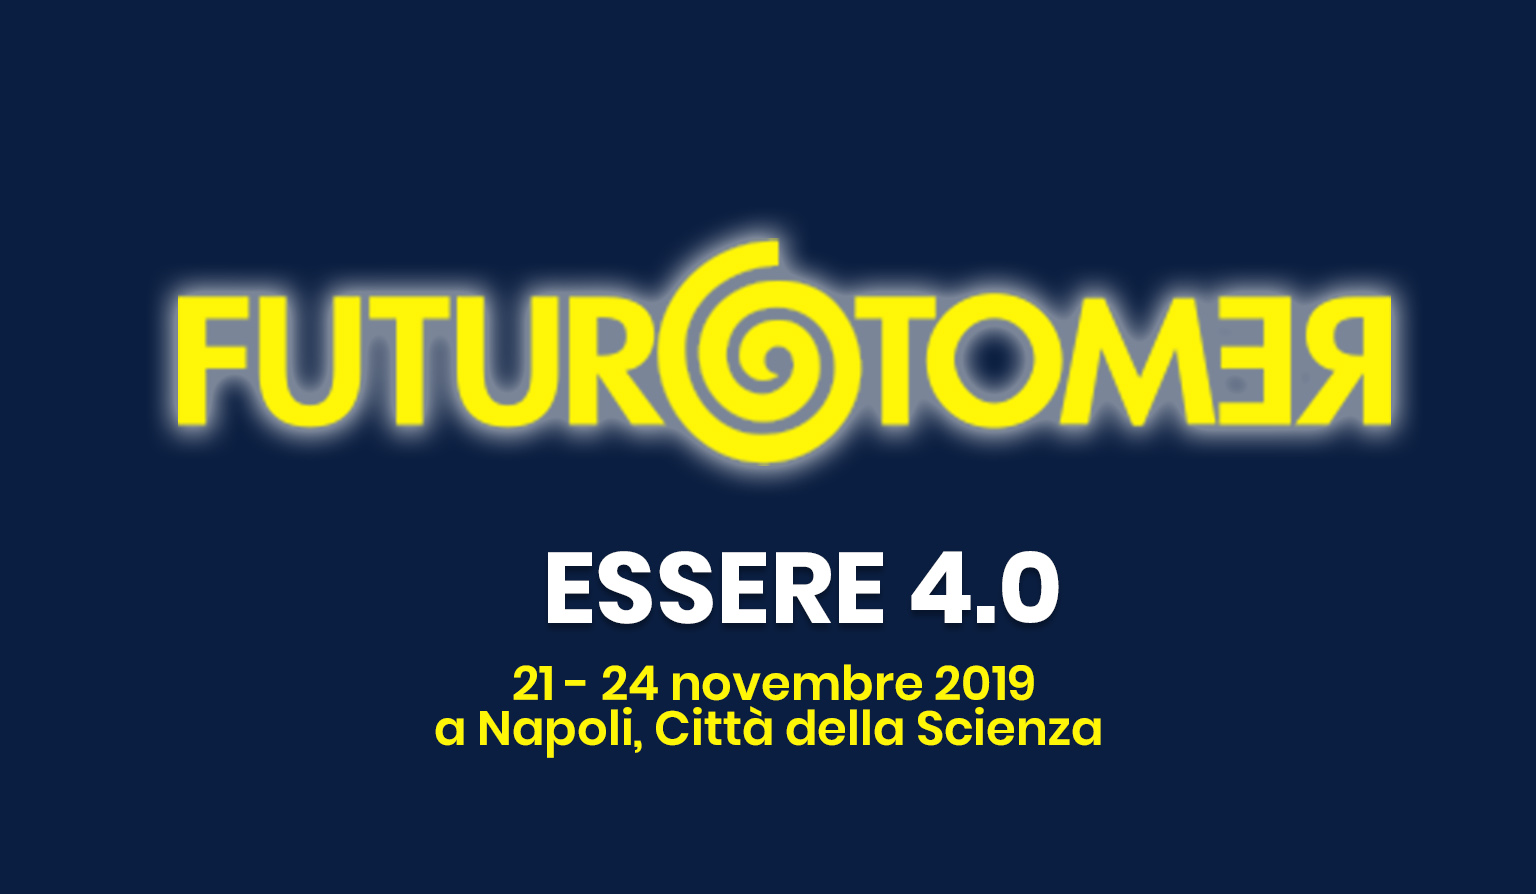 banner futuro remoto 2010_Essere_4_0